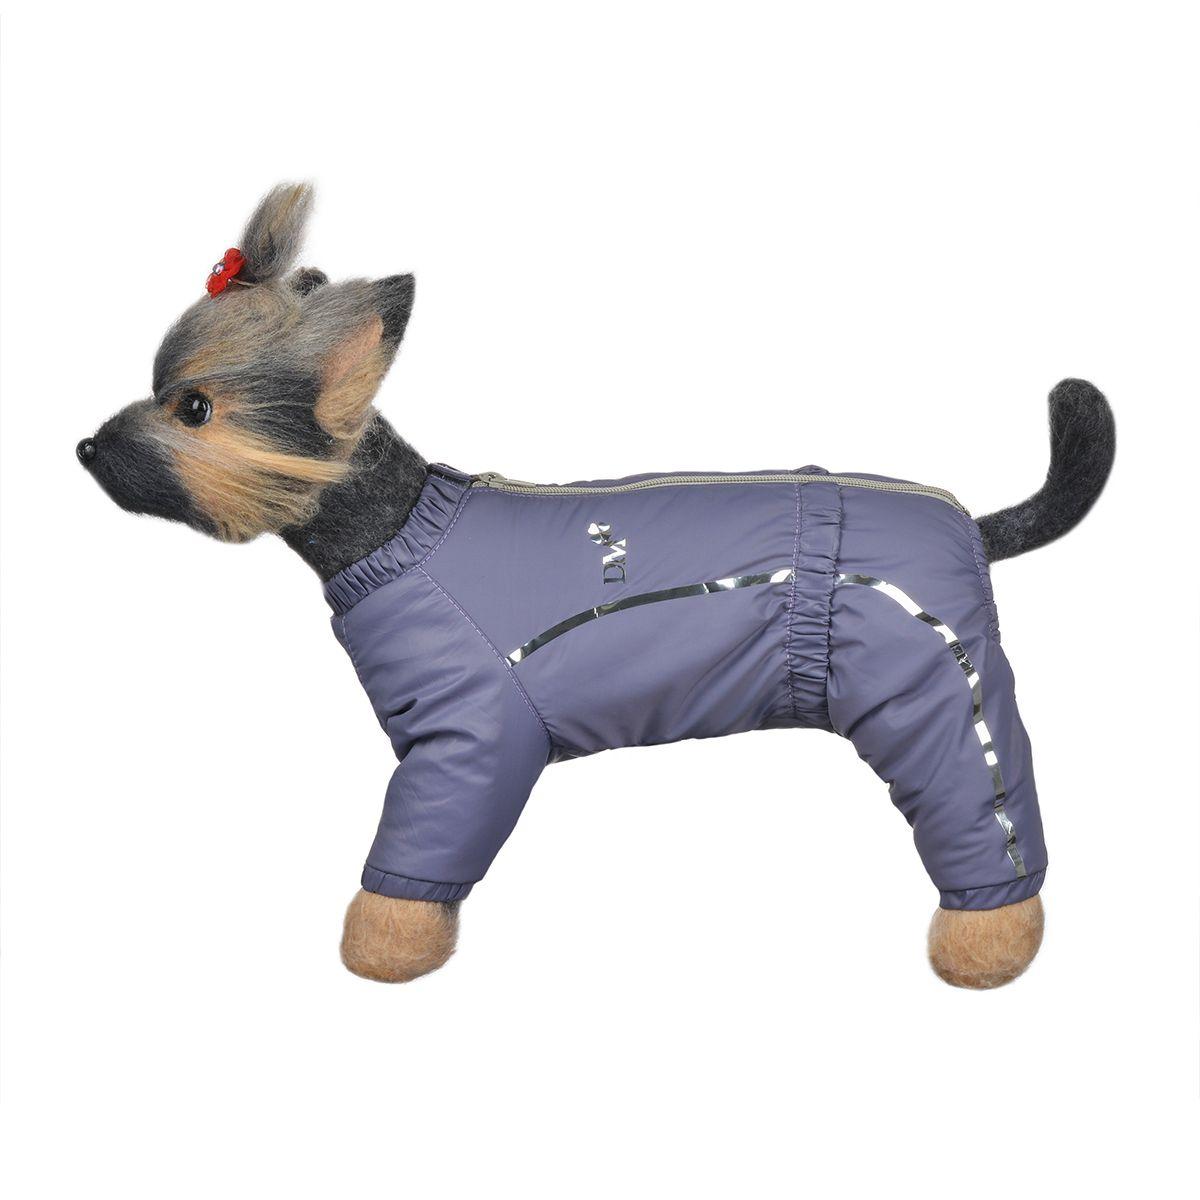 Комбинезон для собак Dogmoda Альпы, зимний, для девочки, цвет: фиолетовый, серый. Размер 2 (M)DM-150350-2Зимний комбинезон для собак Dogmoda Альпы отлично подойдет для прогулок в зимнее время года. Комбинезон изготовлен из полиэстера, защищающего от ветра и снега, с утеплителем из синтепона, который сохранит тепло даже в сильные морозы, а на подкладке используется искусственный мех, который обеспечивает отличный воздухообмен. Комбинезон застегивается на молнию и липучку, благодаря чему его легко надевать и снимать. Ворот, низ рукавов и брючин оснащены внутренними резинками, которые мягко обхватывают шею и лапки, не позволяя просачиваться холодному воздуху. На пояснице имеется внутренняя резинка. Изделие декорировано серебристыми полосками и надписью DM. Благодаря такому комбинезону простуда не грозит вашему питомцу и он сможет испытать не сравнимое удовольствие от снежных игр и забав.